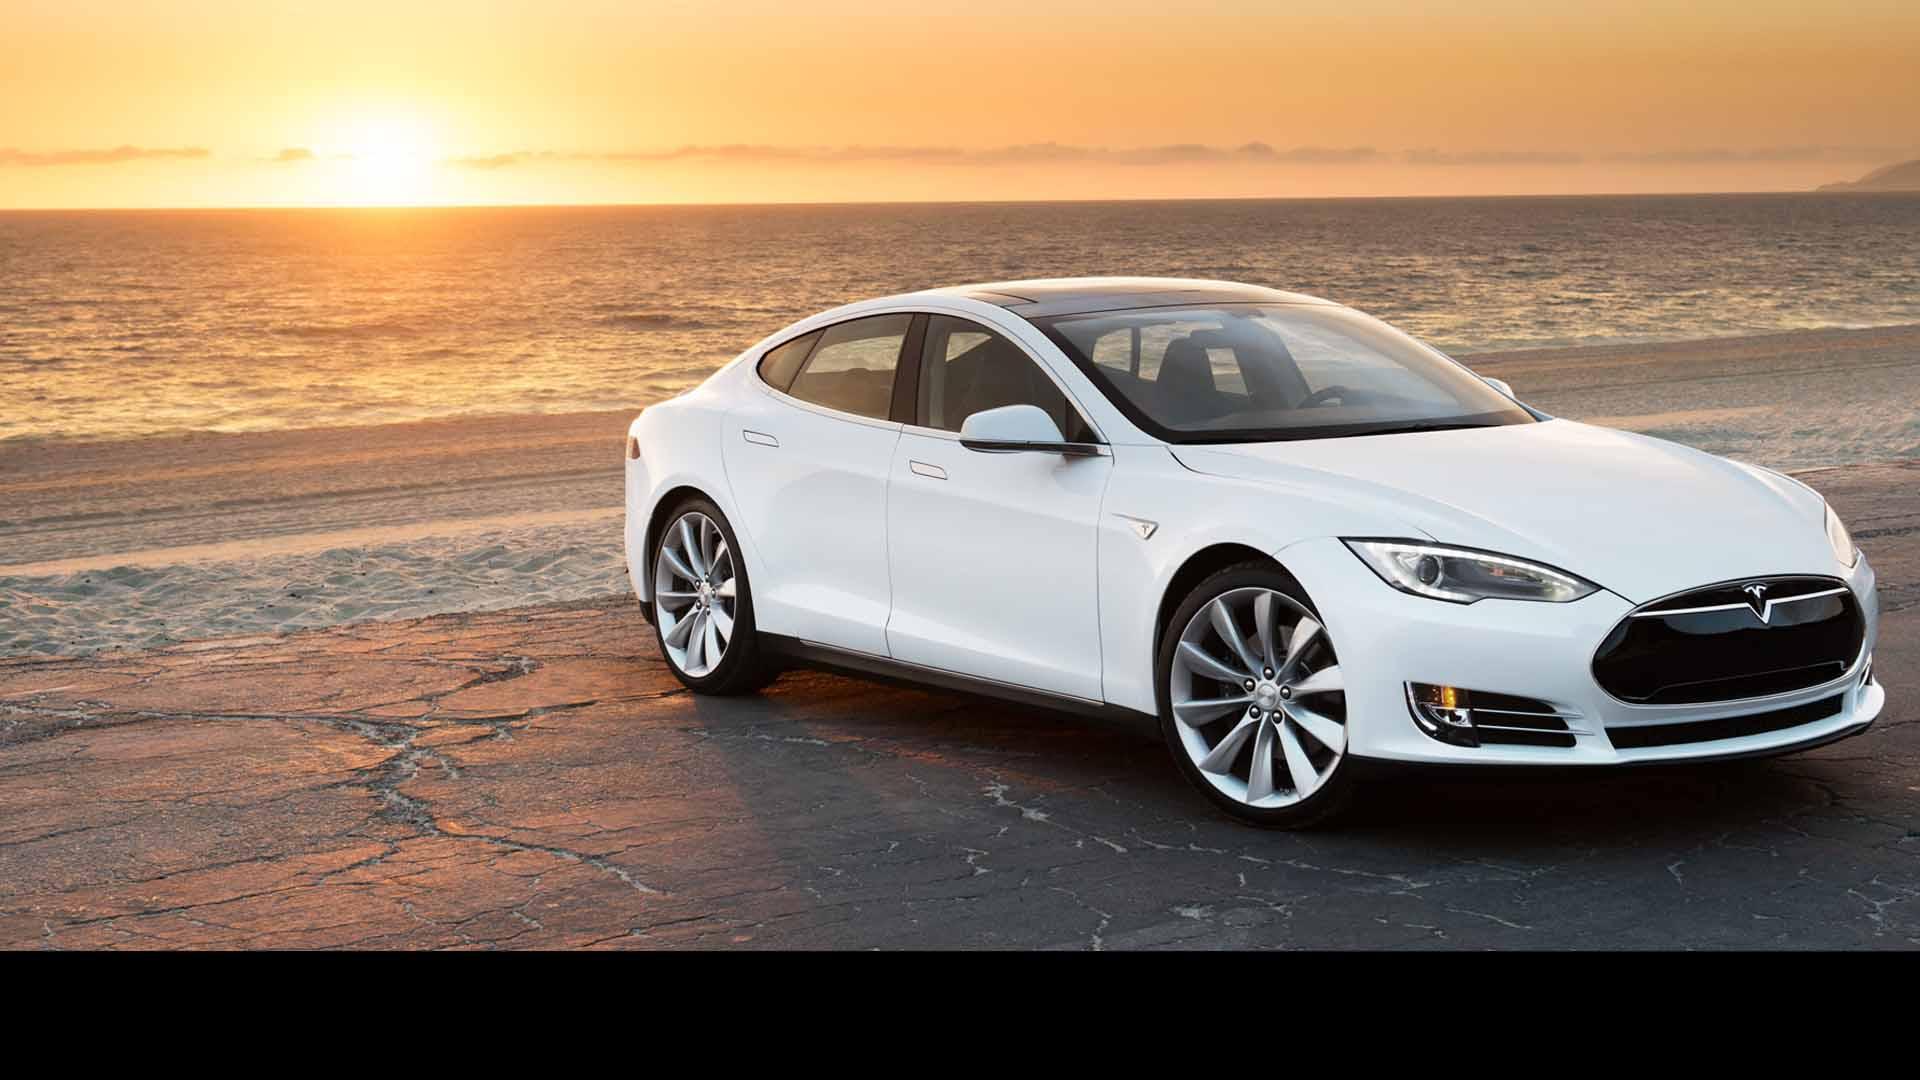 El nuevo auto puede transformarse en barco por pequeños intervalos según aseguro el CEO de la firma